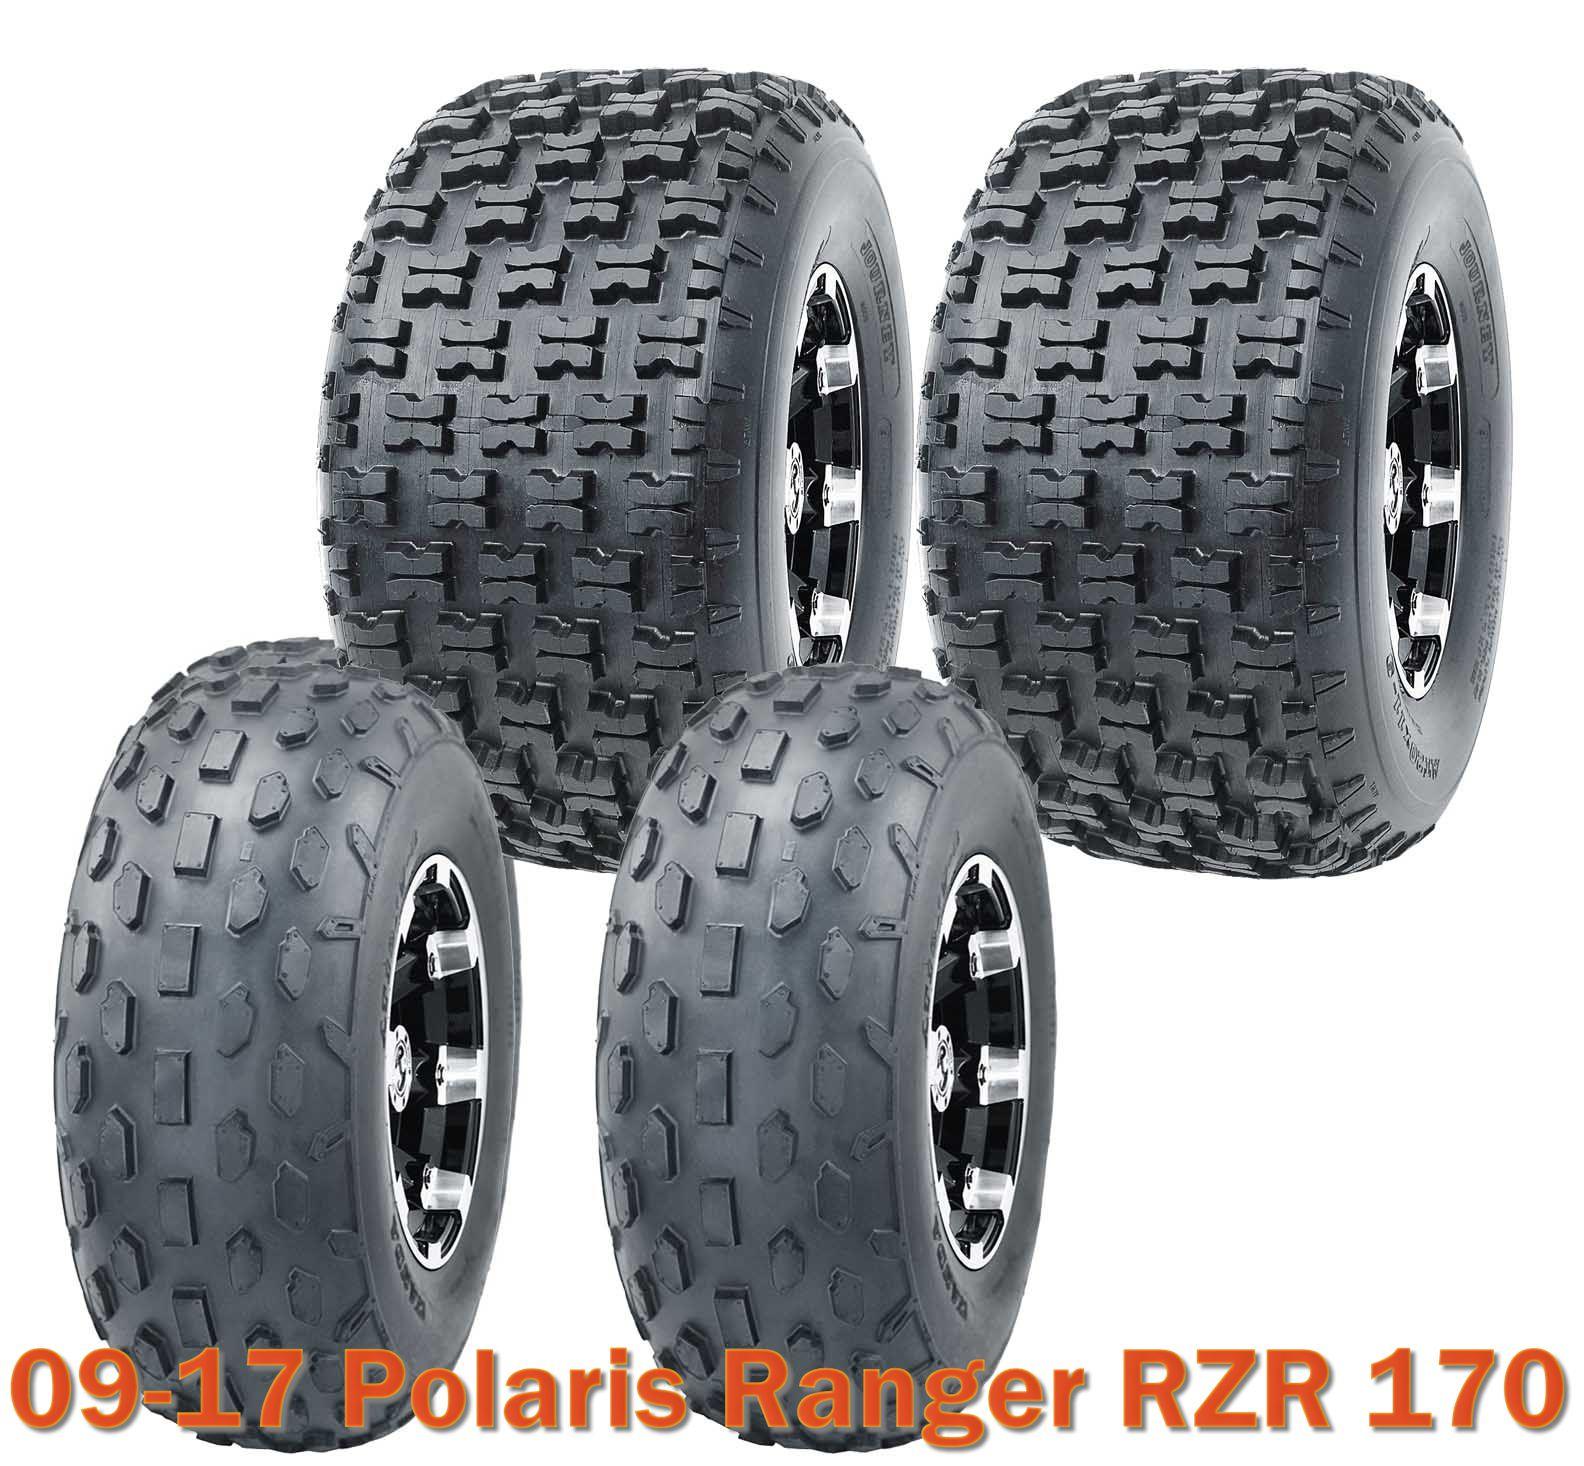 Full Set WANDA ATV tires 19x7-8 19x7x8 /& 20x10-9 20x10x9 Polaris Ranger RZR170